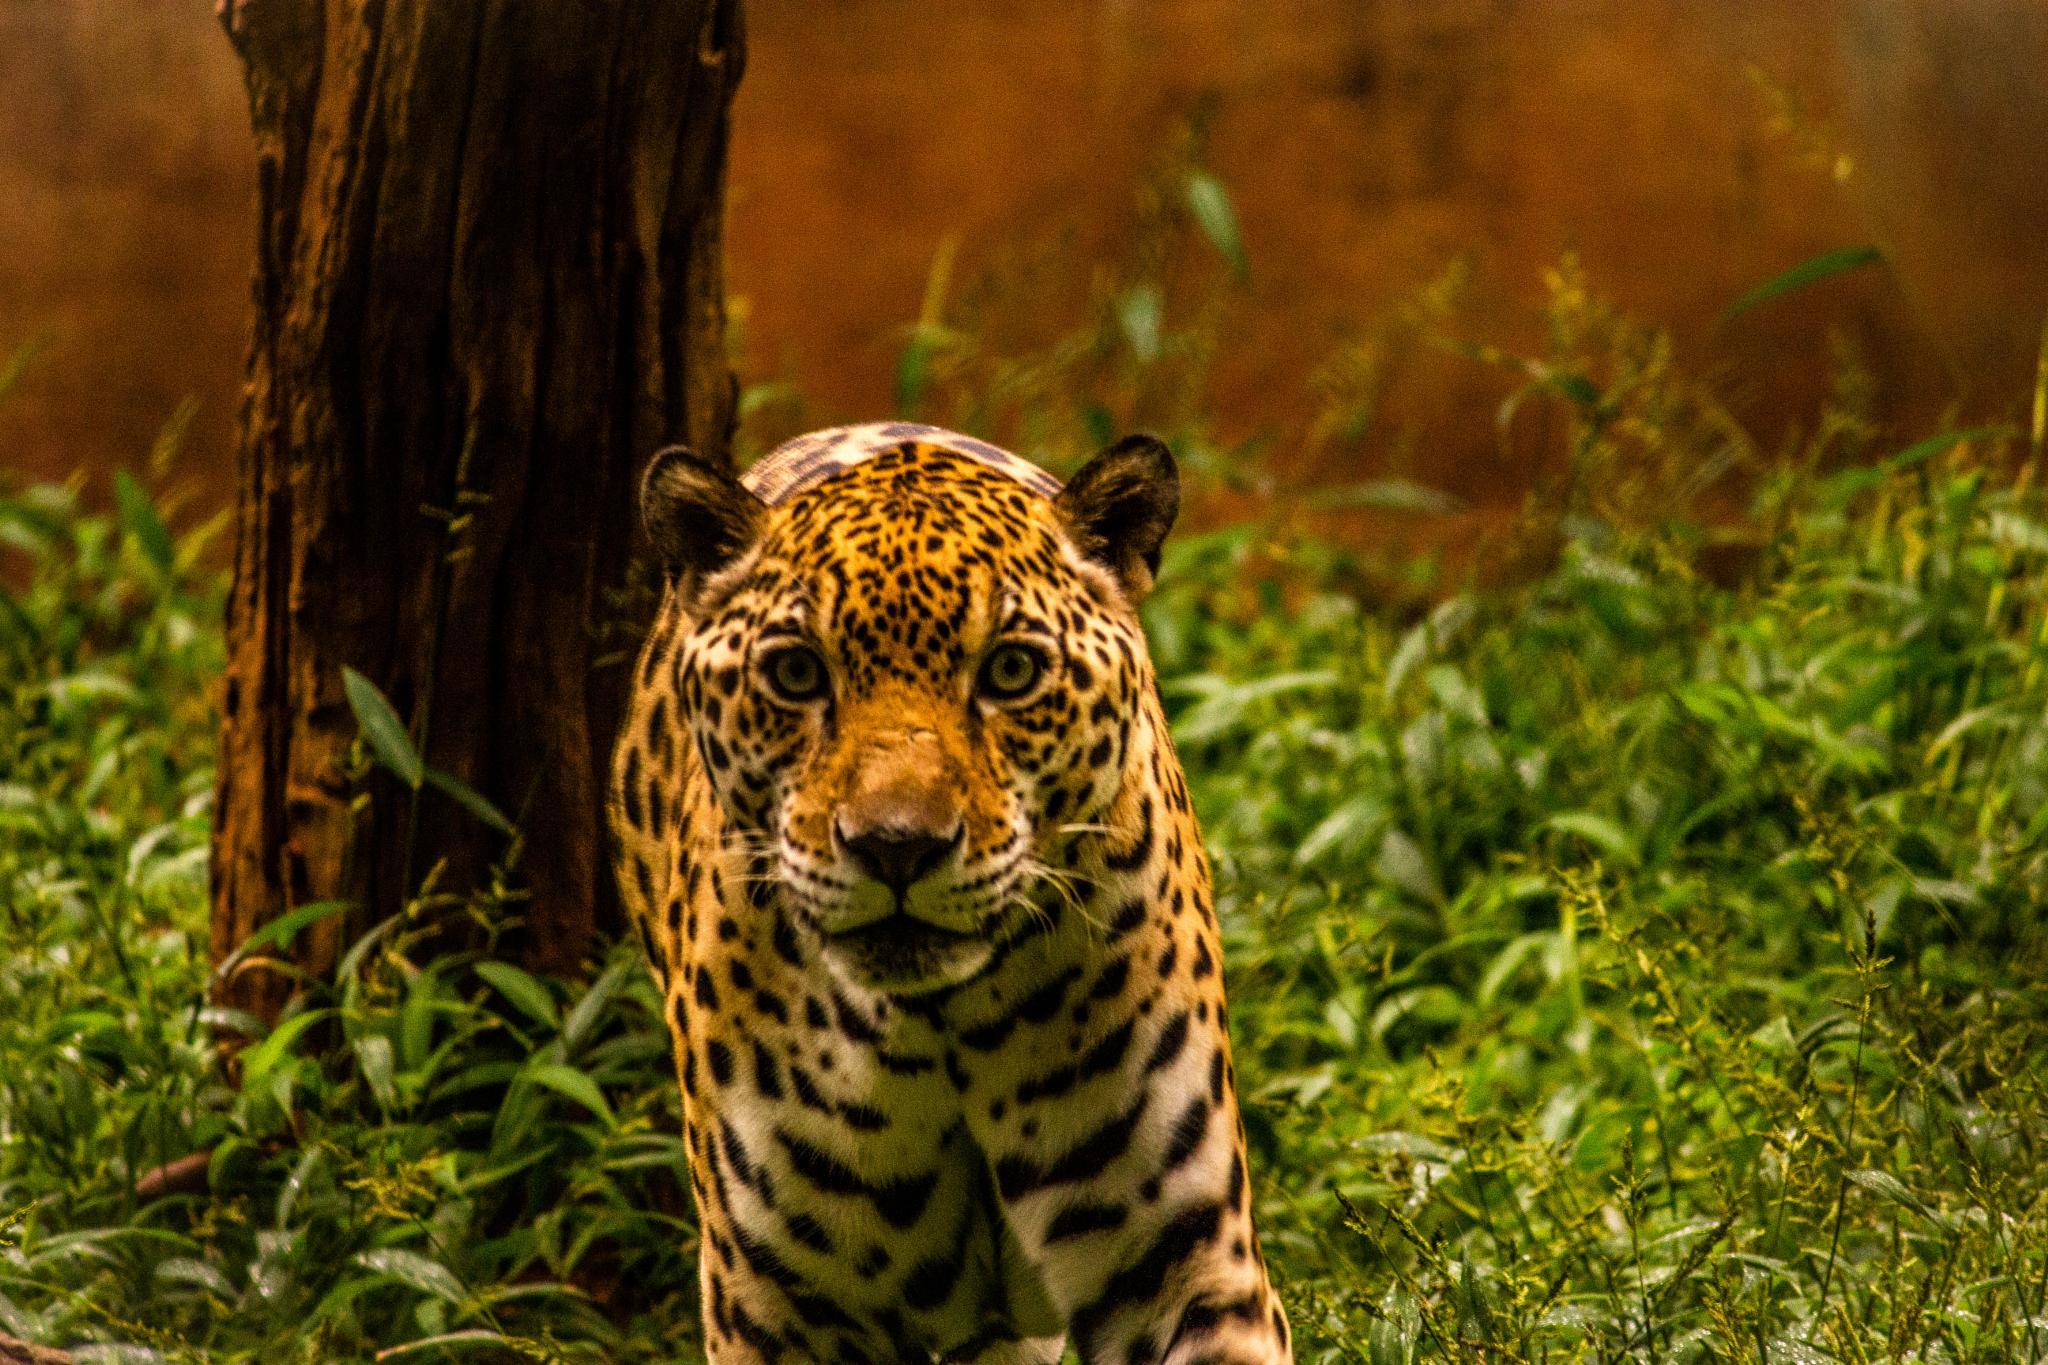 Young cub by joyman.xavio